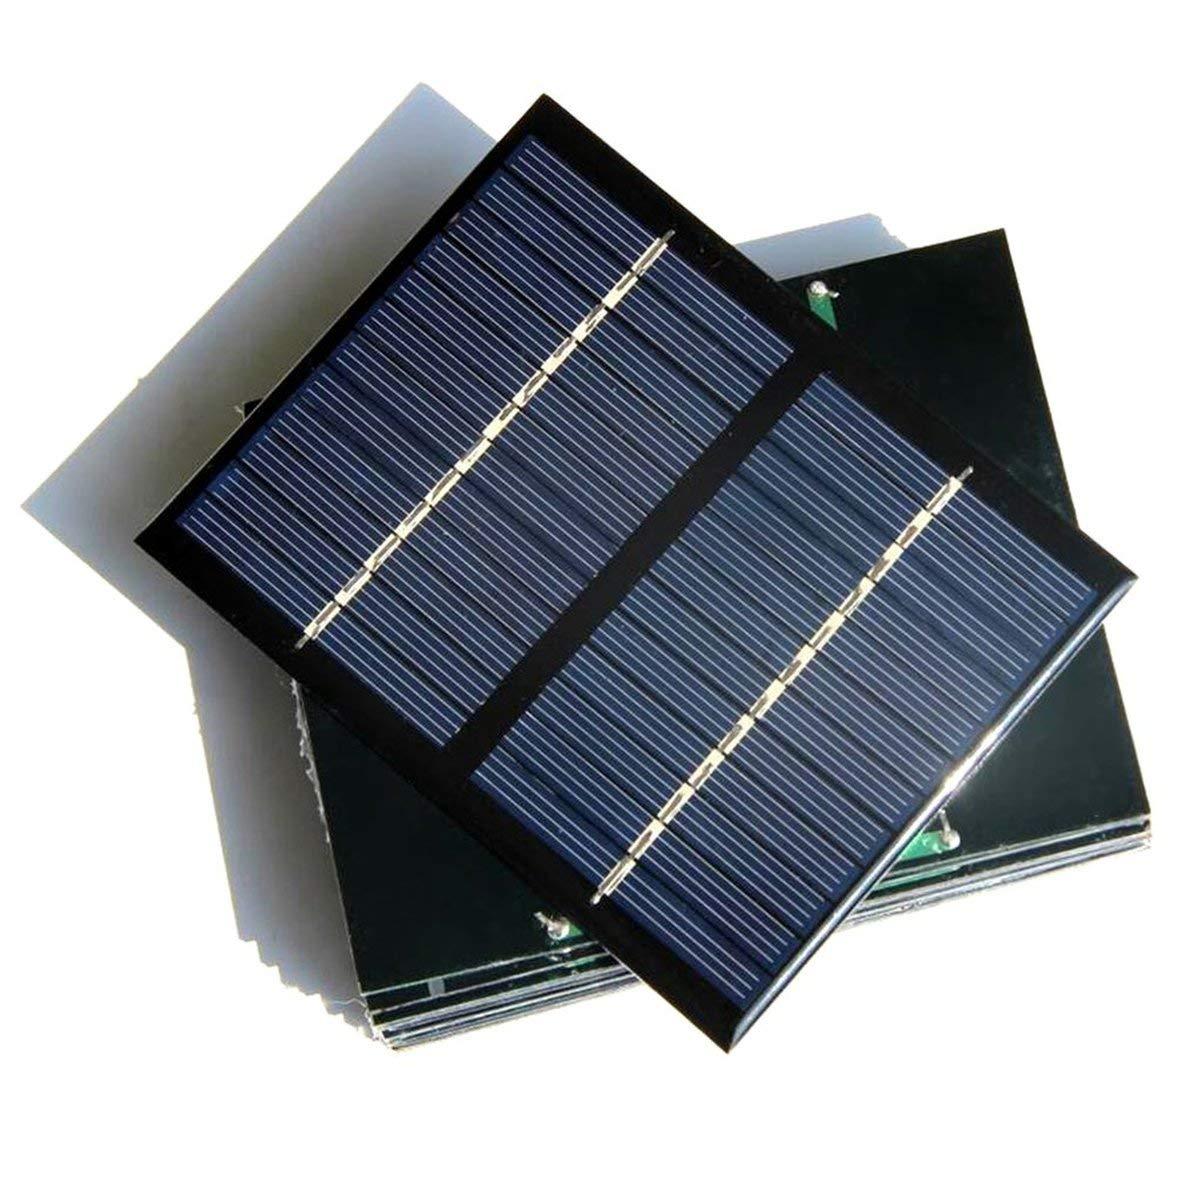 12V 1.5 W Panneau Solaire Universel Polycristallin Silicium Bricolage Batterie Puissance Module Module Petite Cellule Solaire